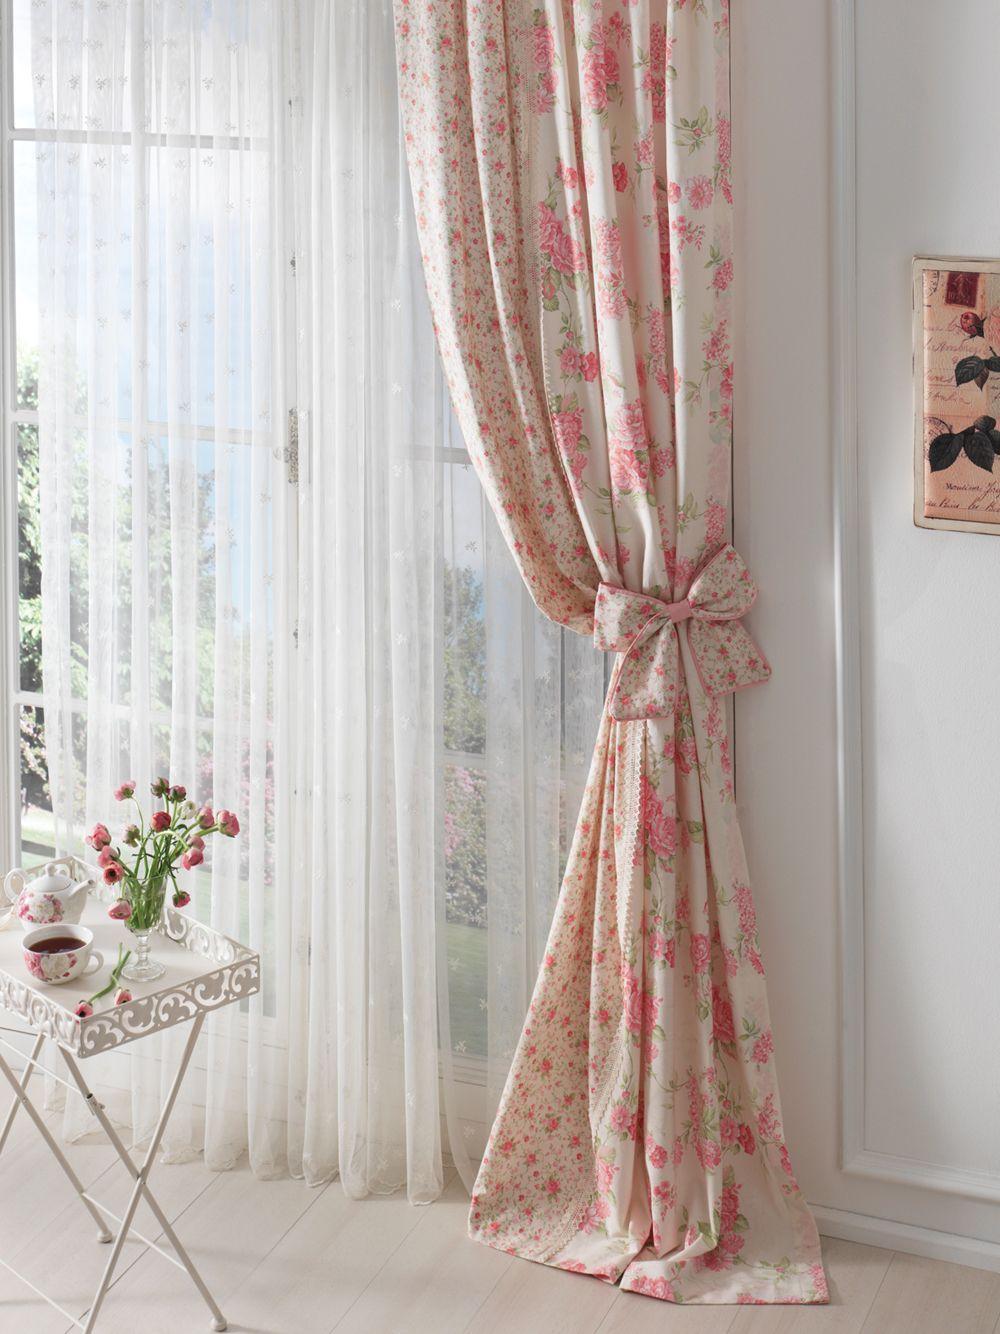 Фото № 5: Как красиво оформить шторы подхватами: 10 идей